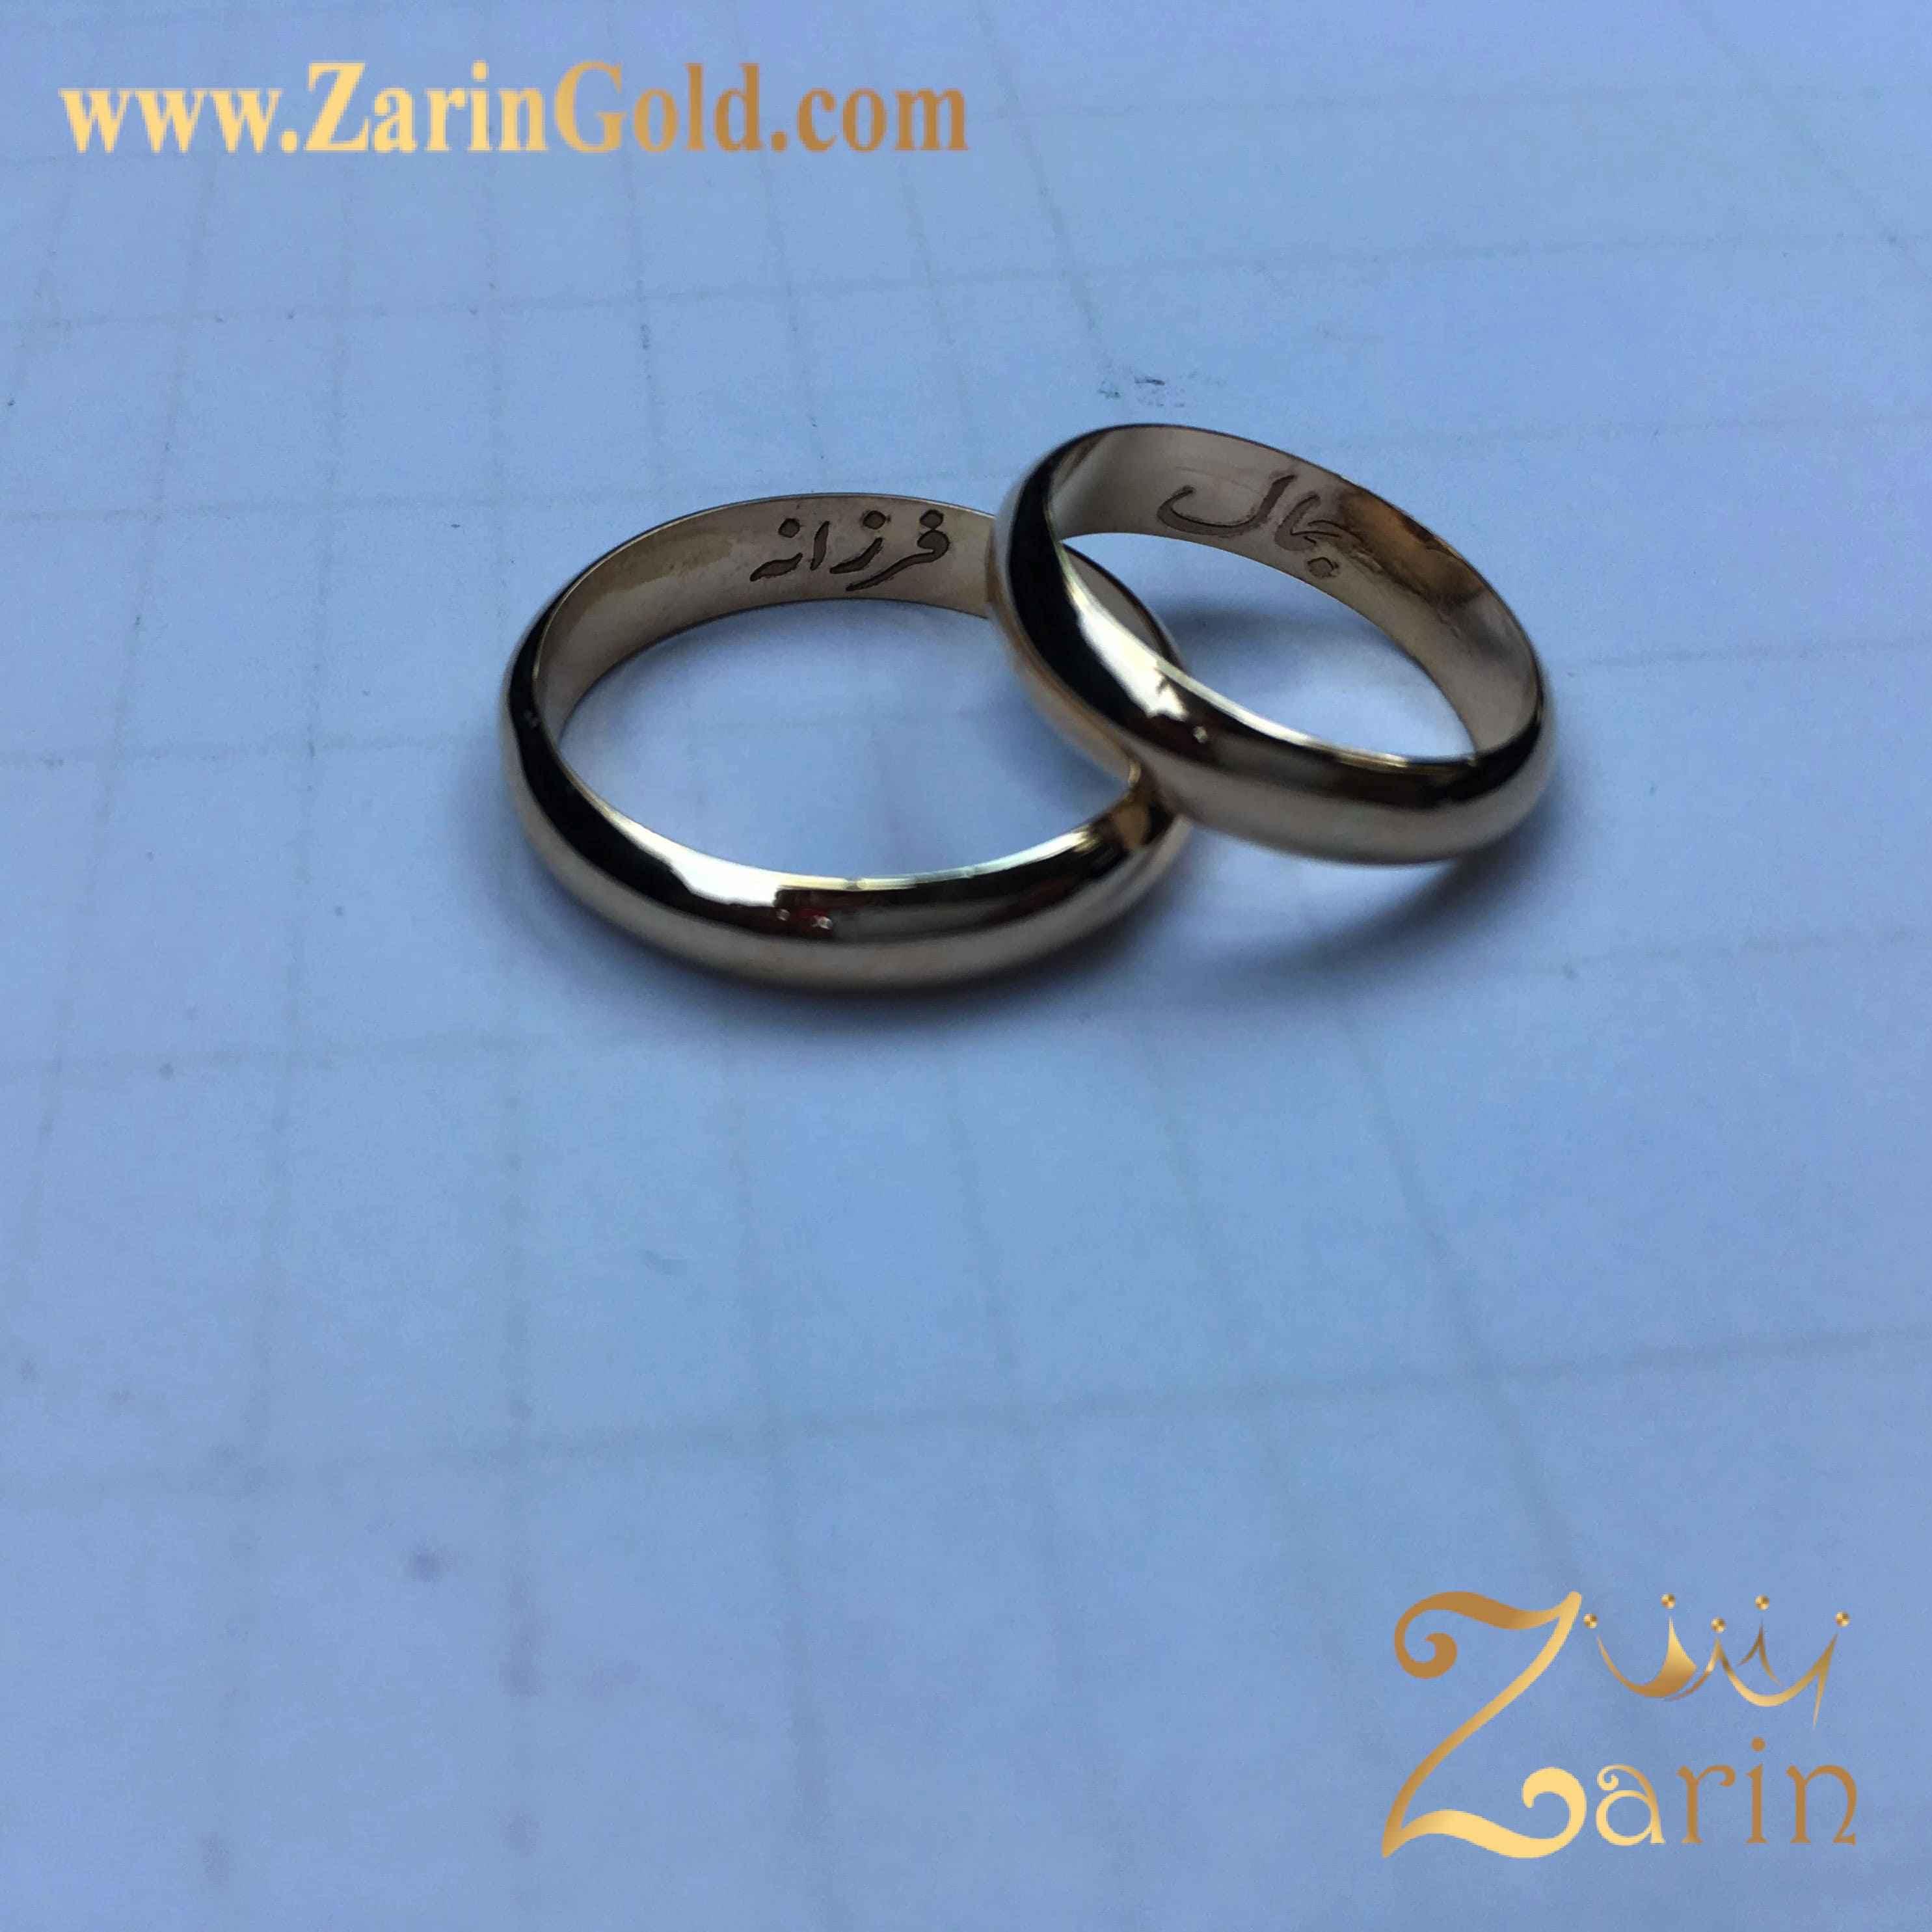 حلقه ازدواج و نامزدی با حک اسم